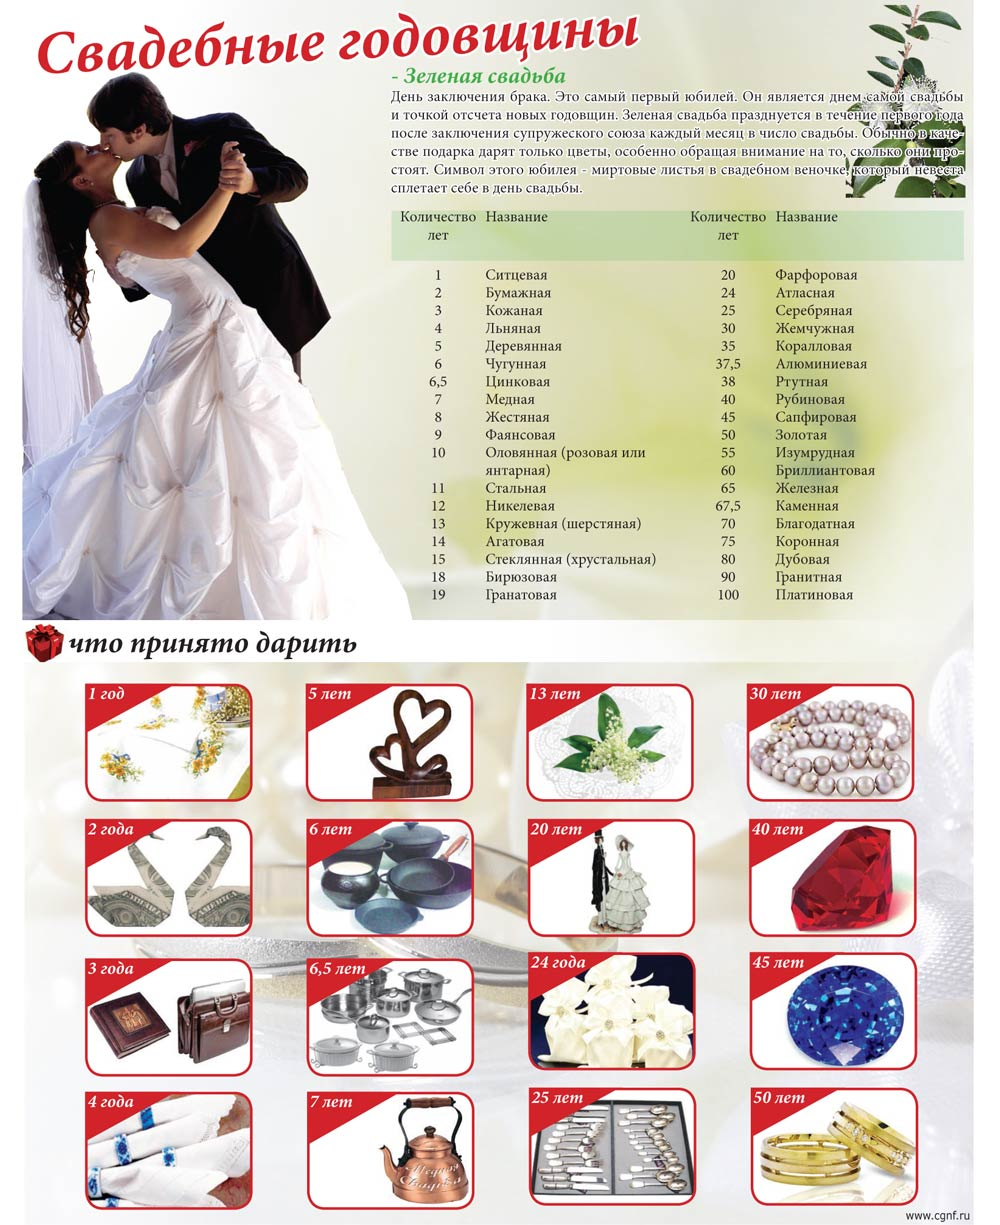 Свадьба по годам - Что подарить на годовщину свадьбы по годам 2